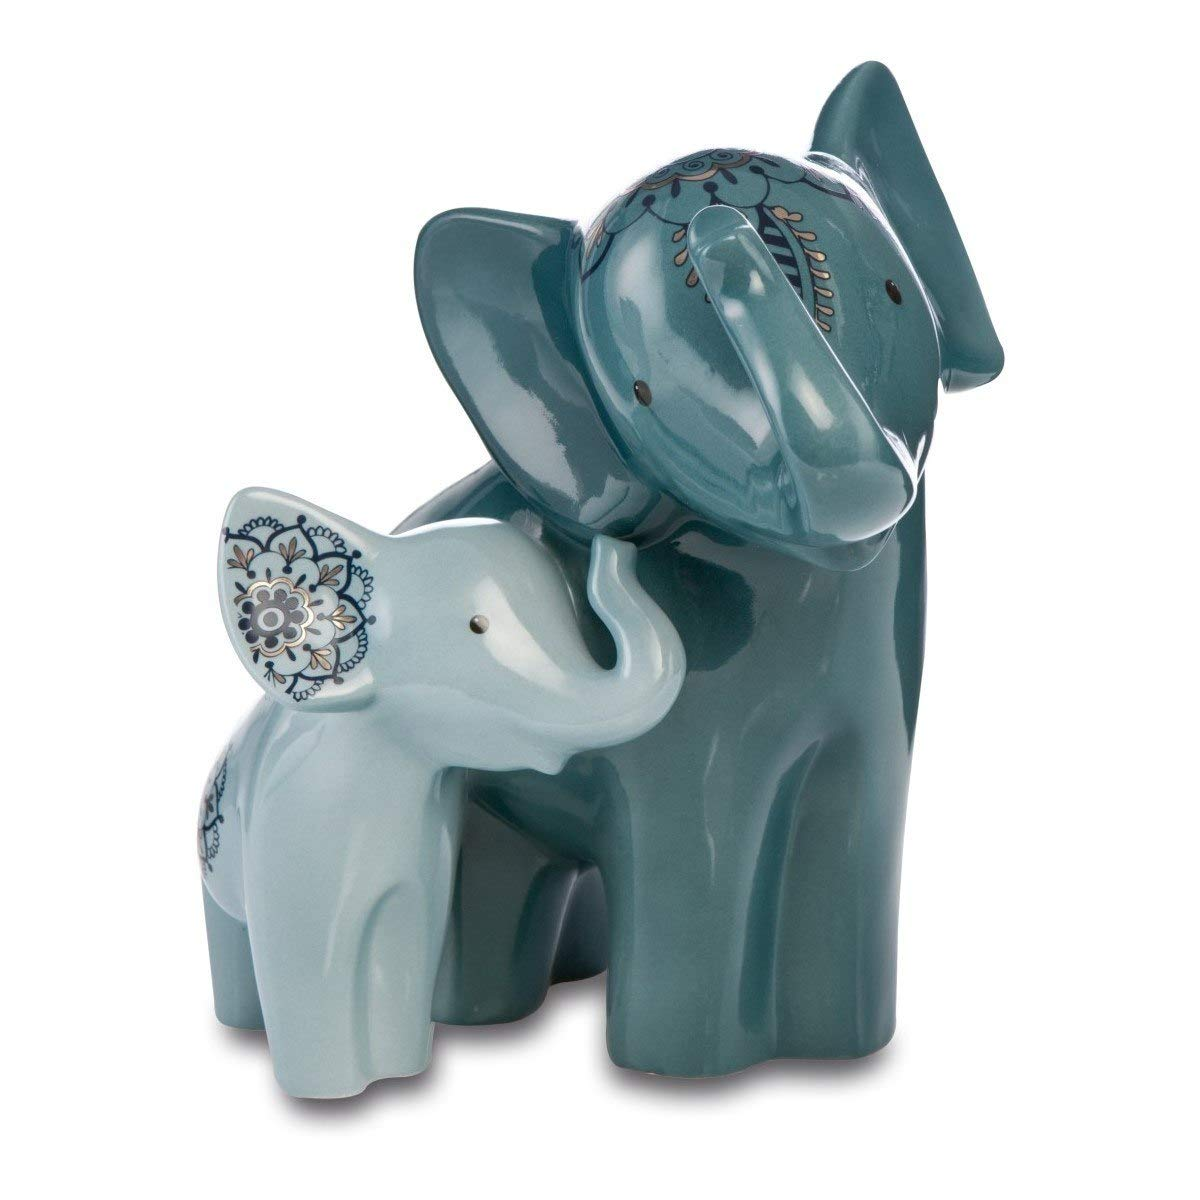 Boromoko & Bada Mandala Elephant from Elephant de Luxe 19.5cm by Goebel